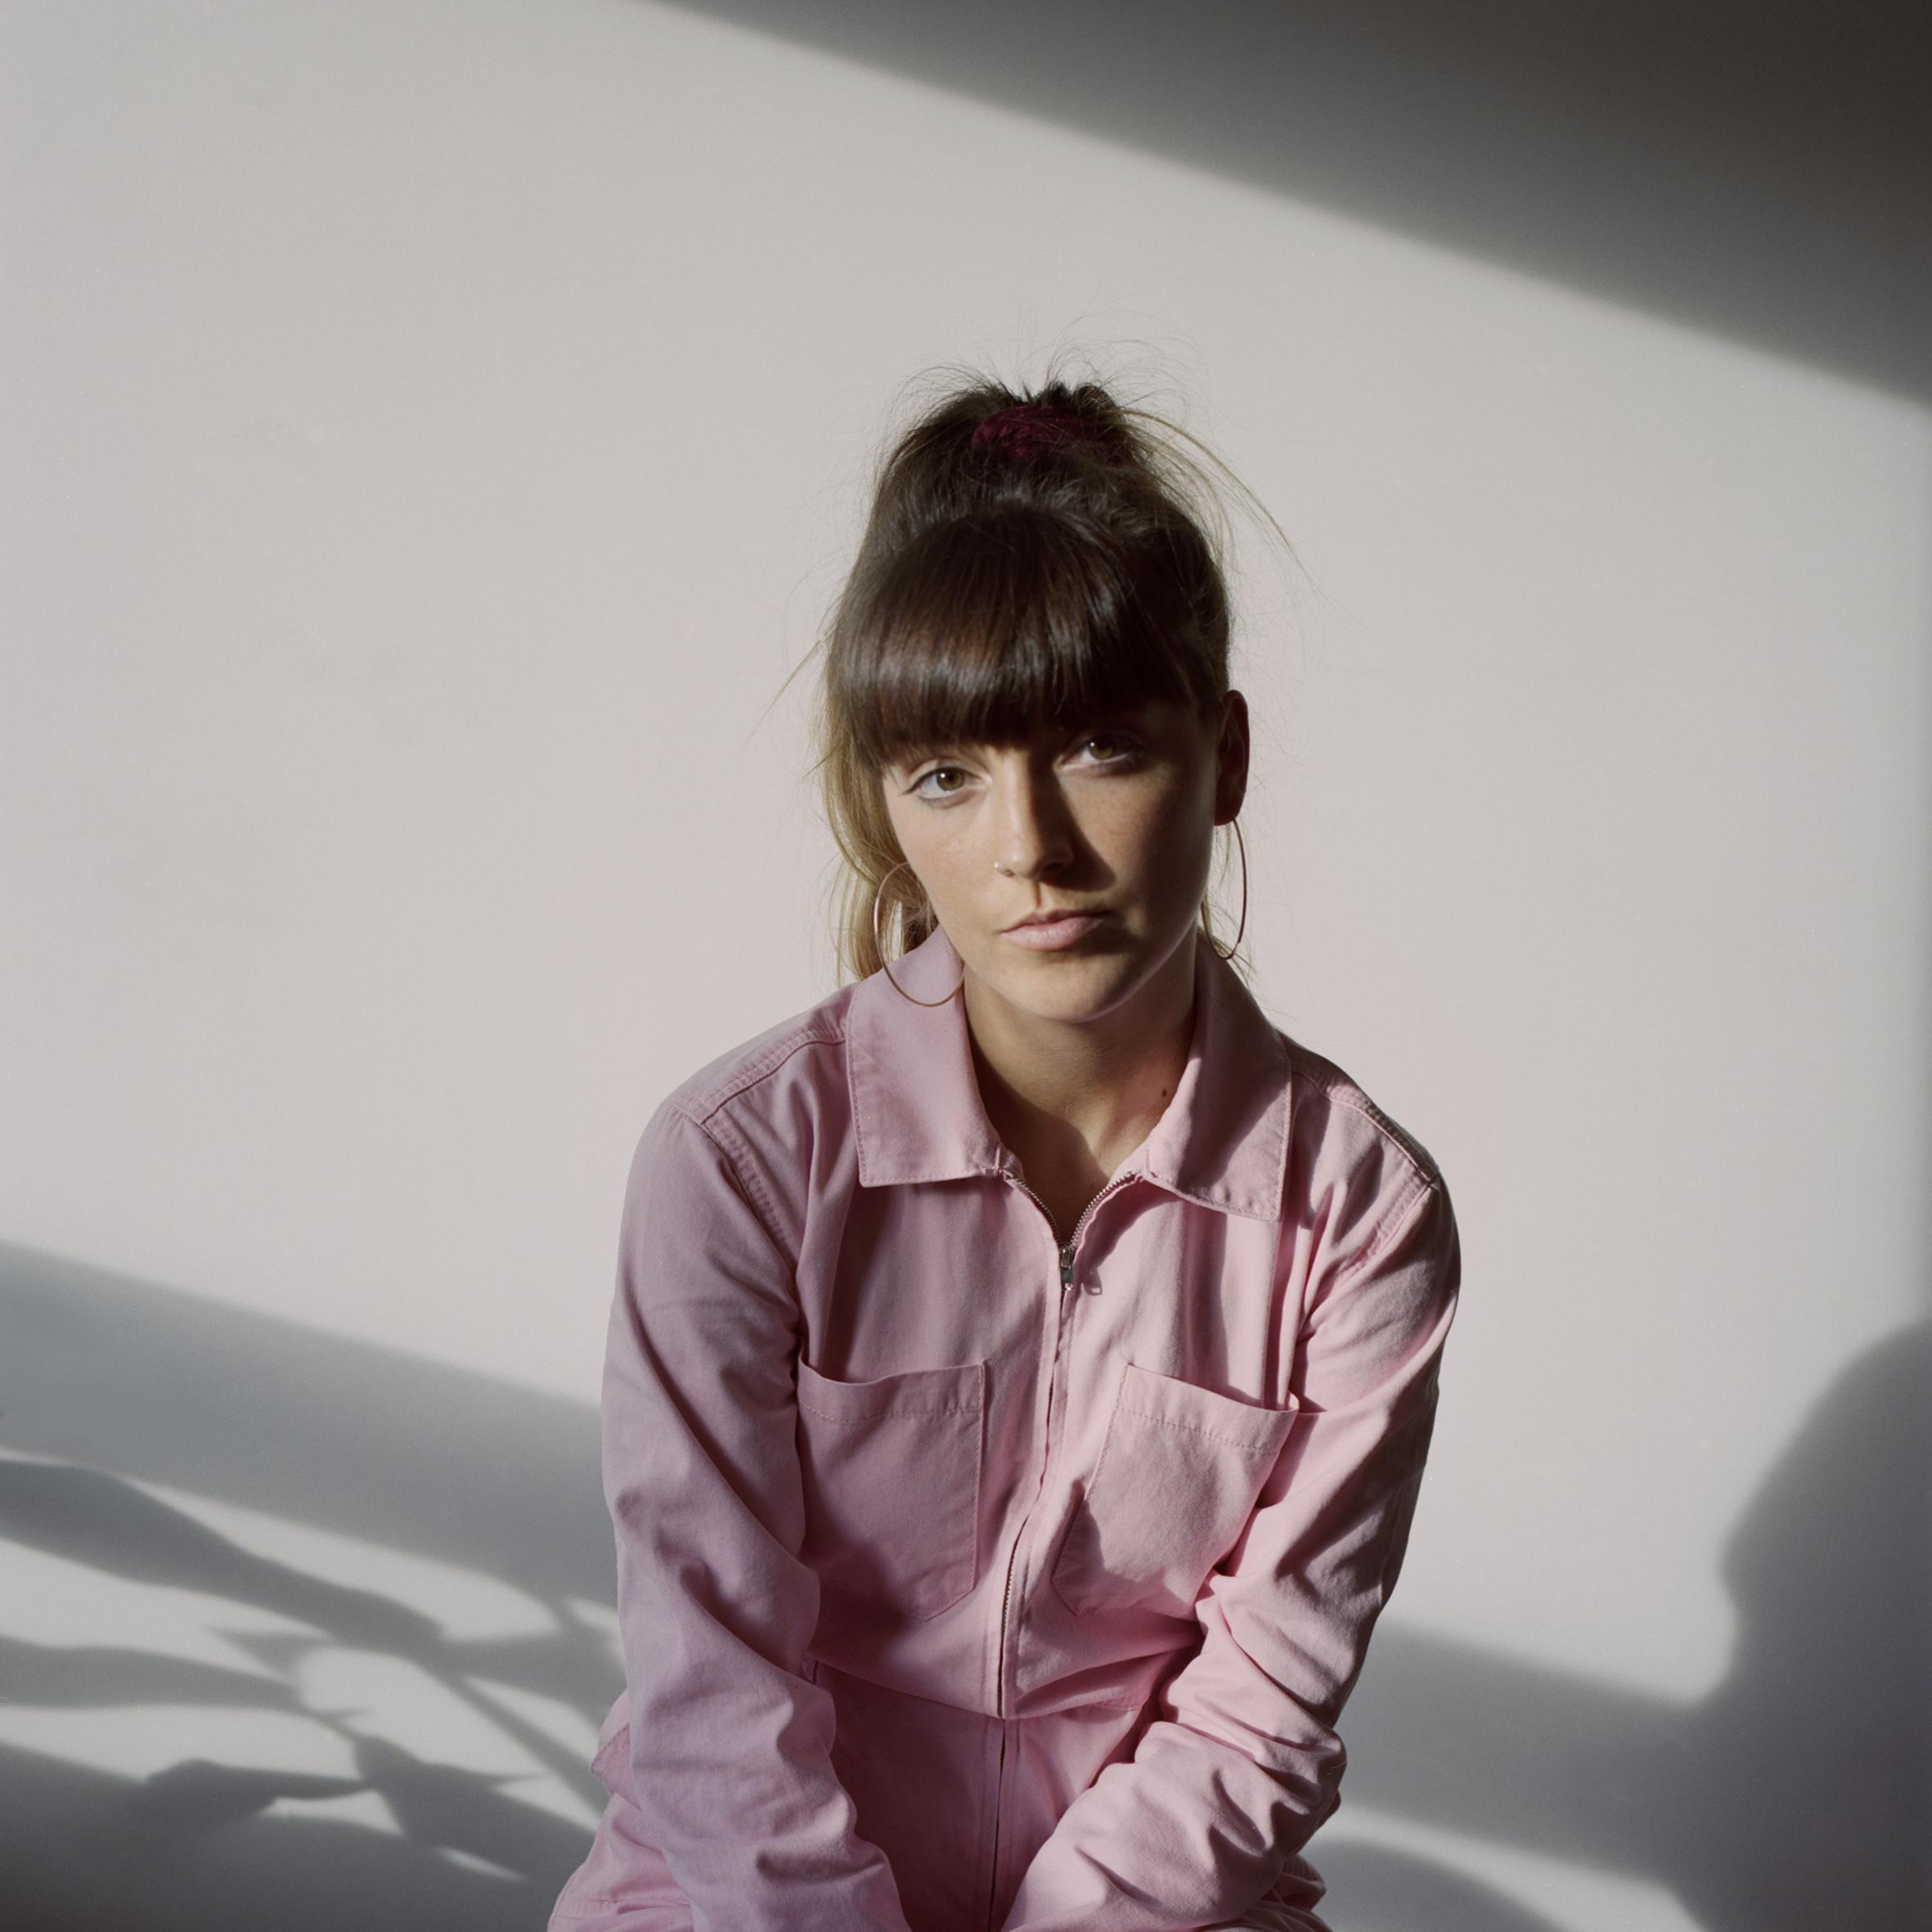 Lily Denning